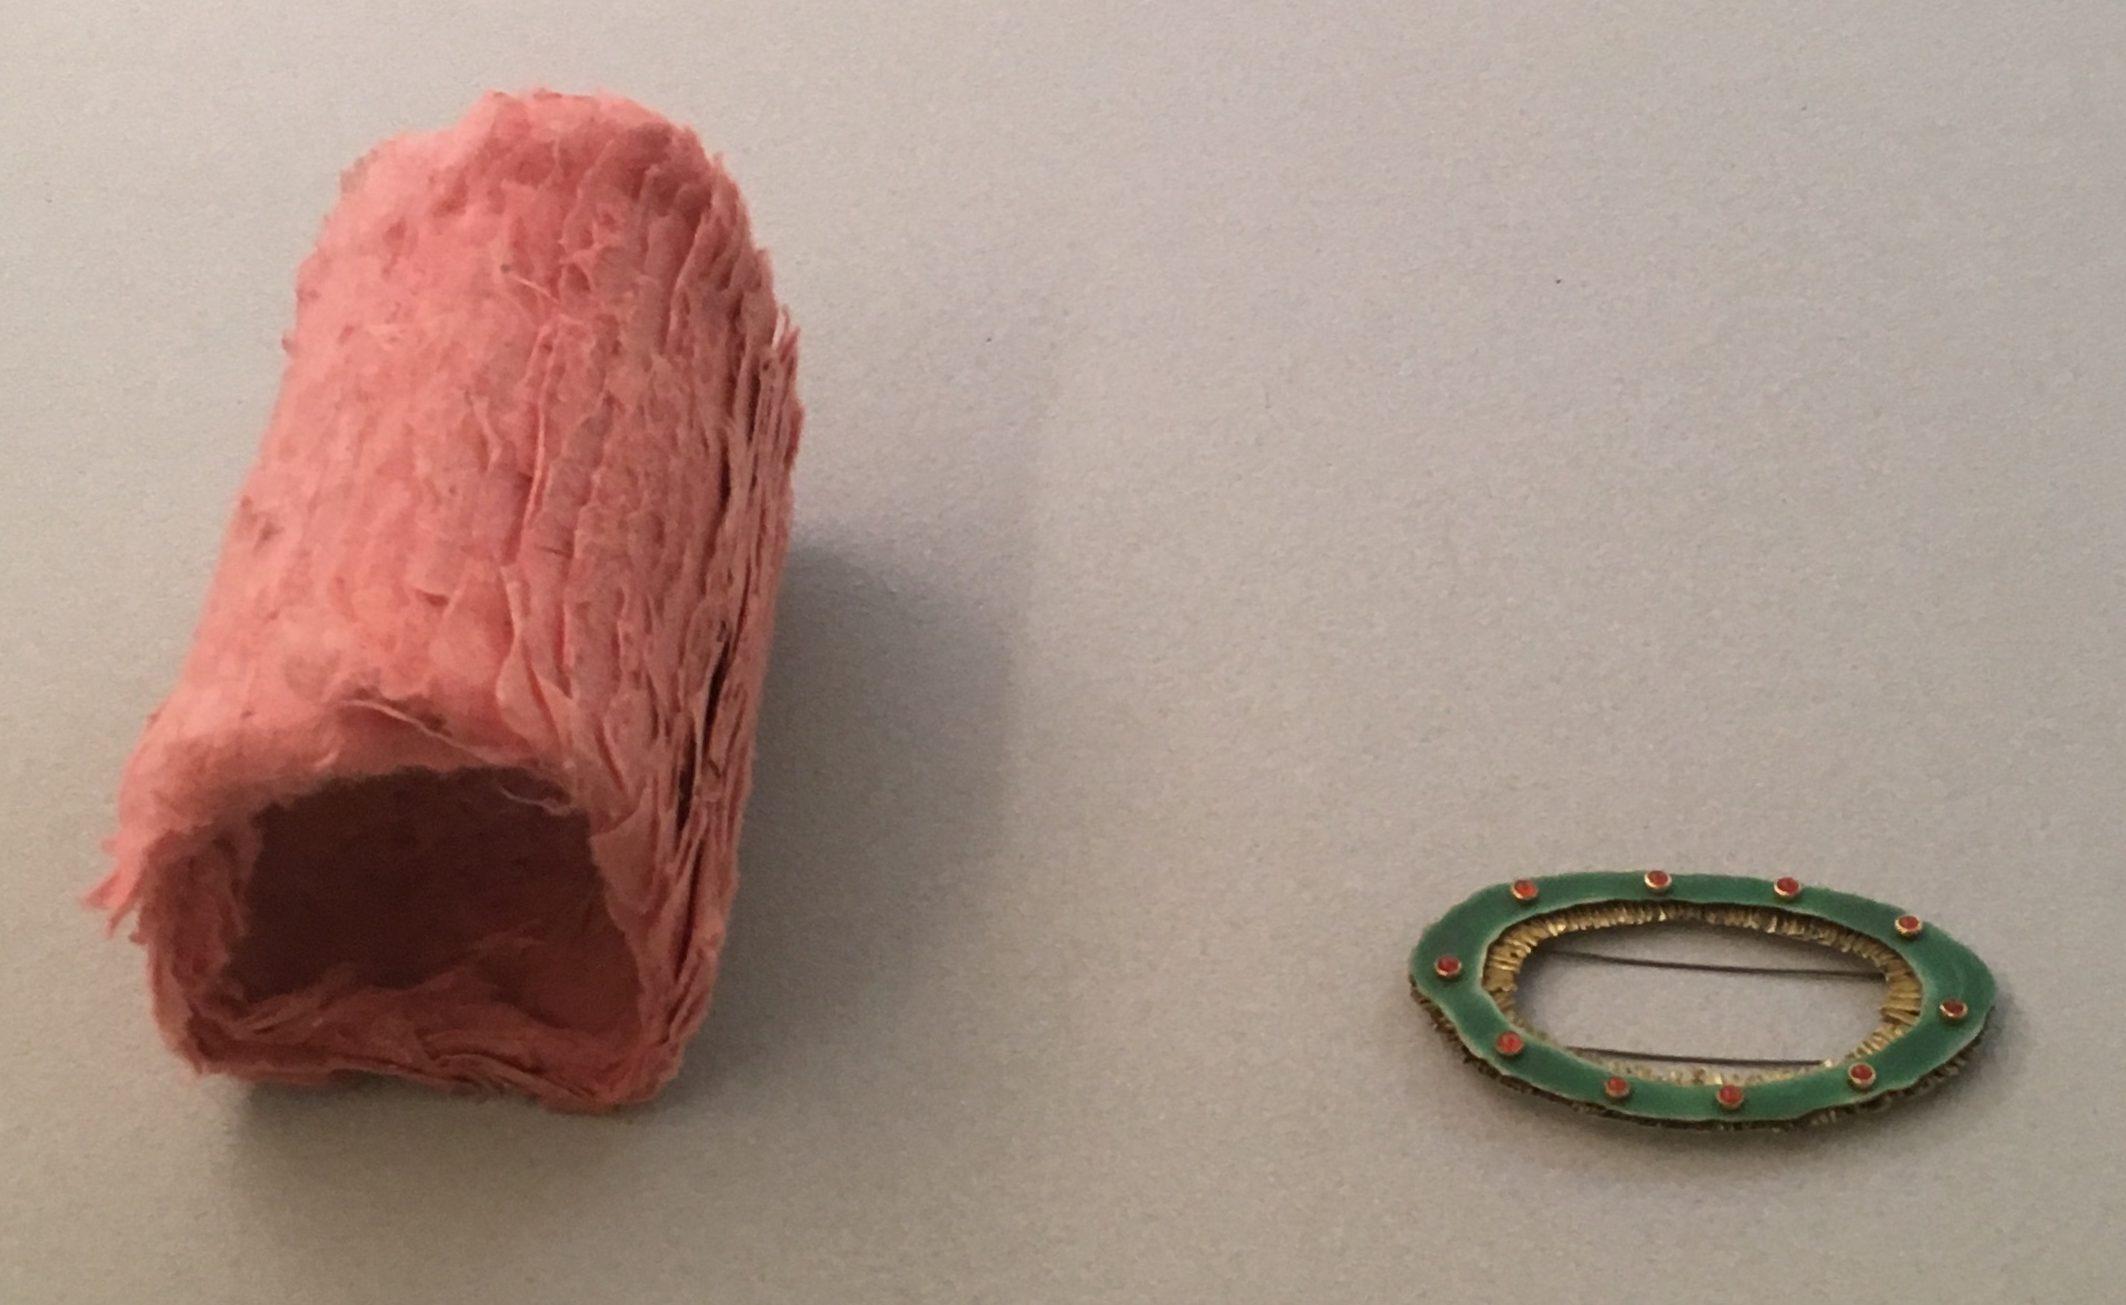 Annelies Planteijdt, armband, 1985, collectie CODA (bruikleen RCE), Ralph Bakker, broche, 1991, collectie CODA (bruikleen RCE). Foto met dank aan Liesbeth den Besten©